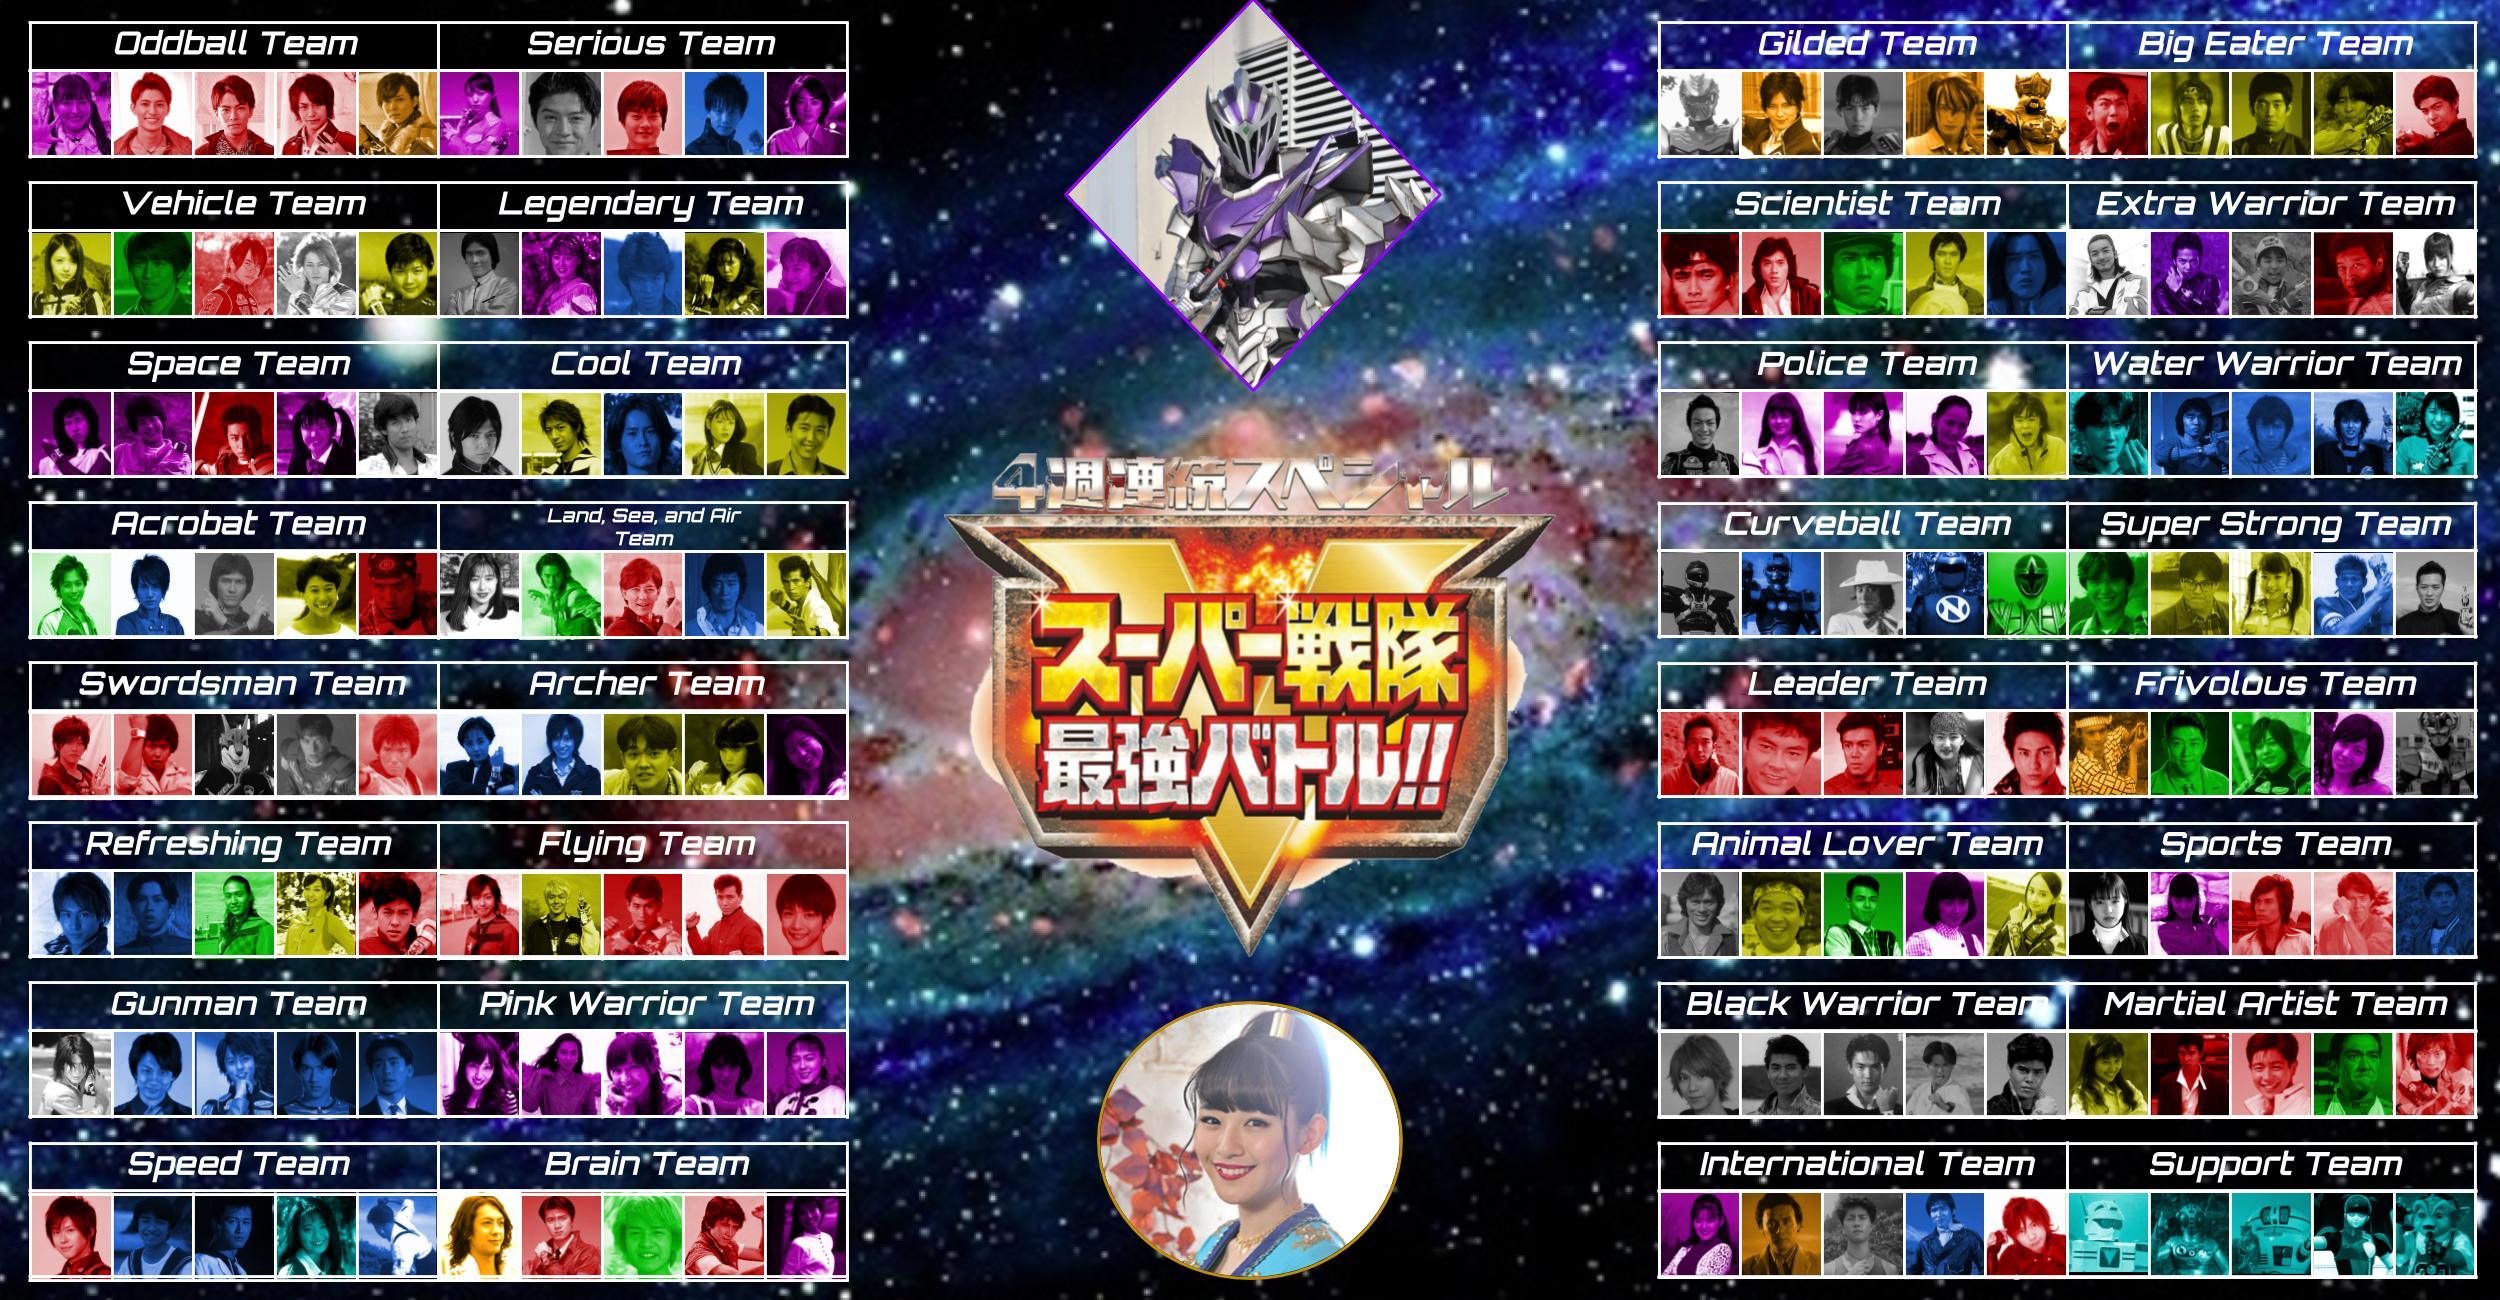 Super Sentai Saikyo Battle (All 32 teams)